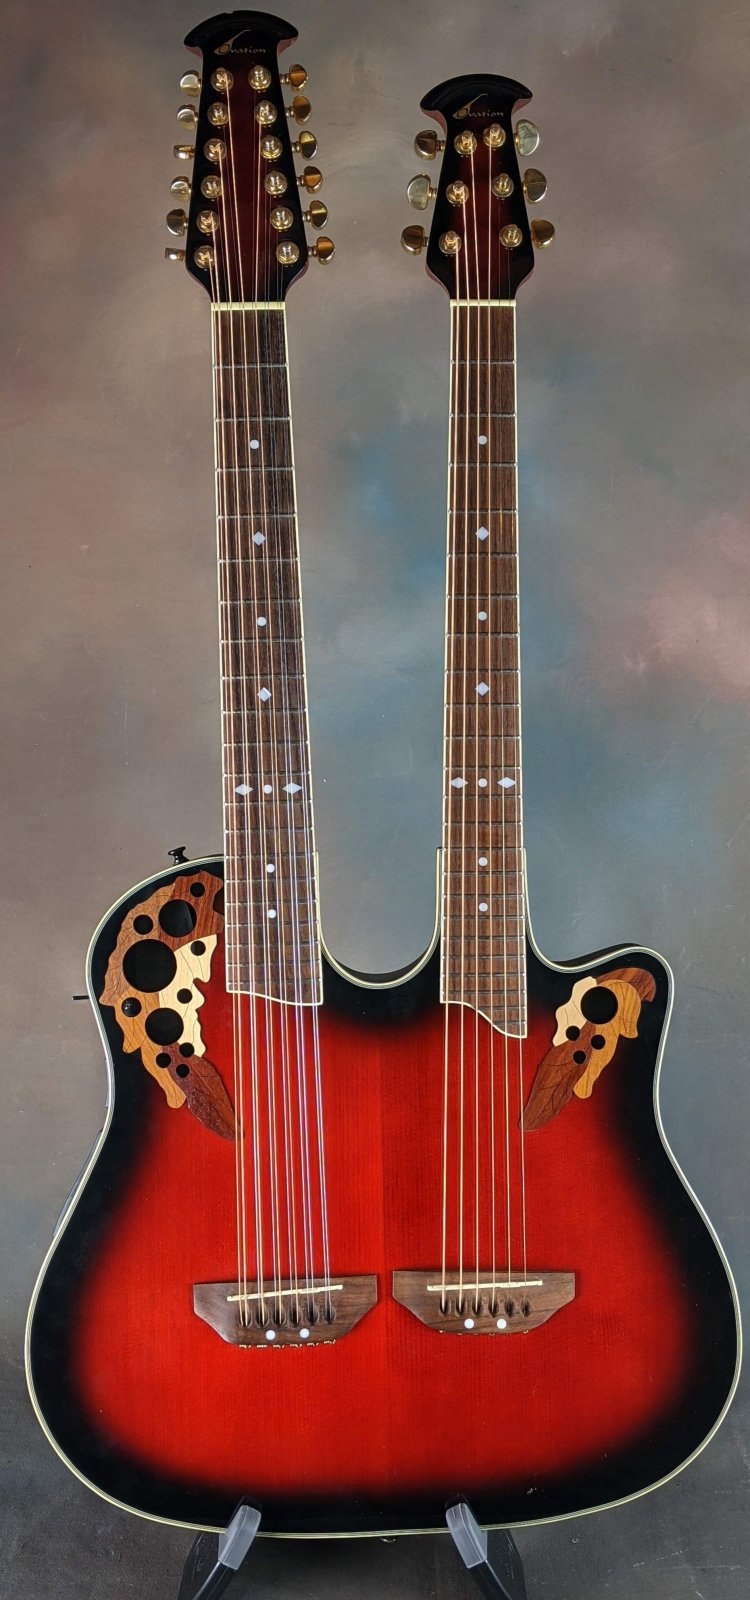 Used Ovation Celebrity CSD225 6/12 String Doubleneck!